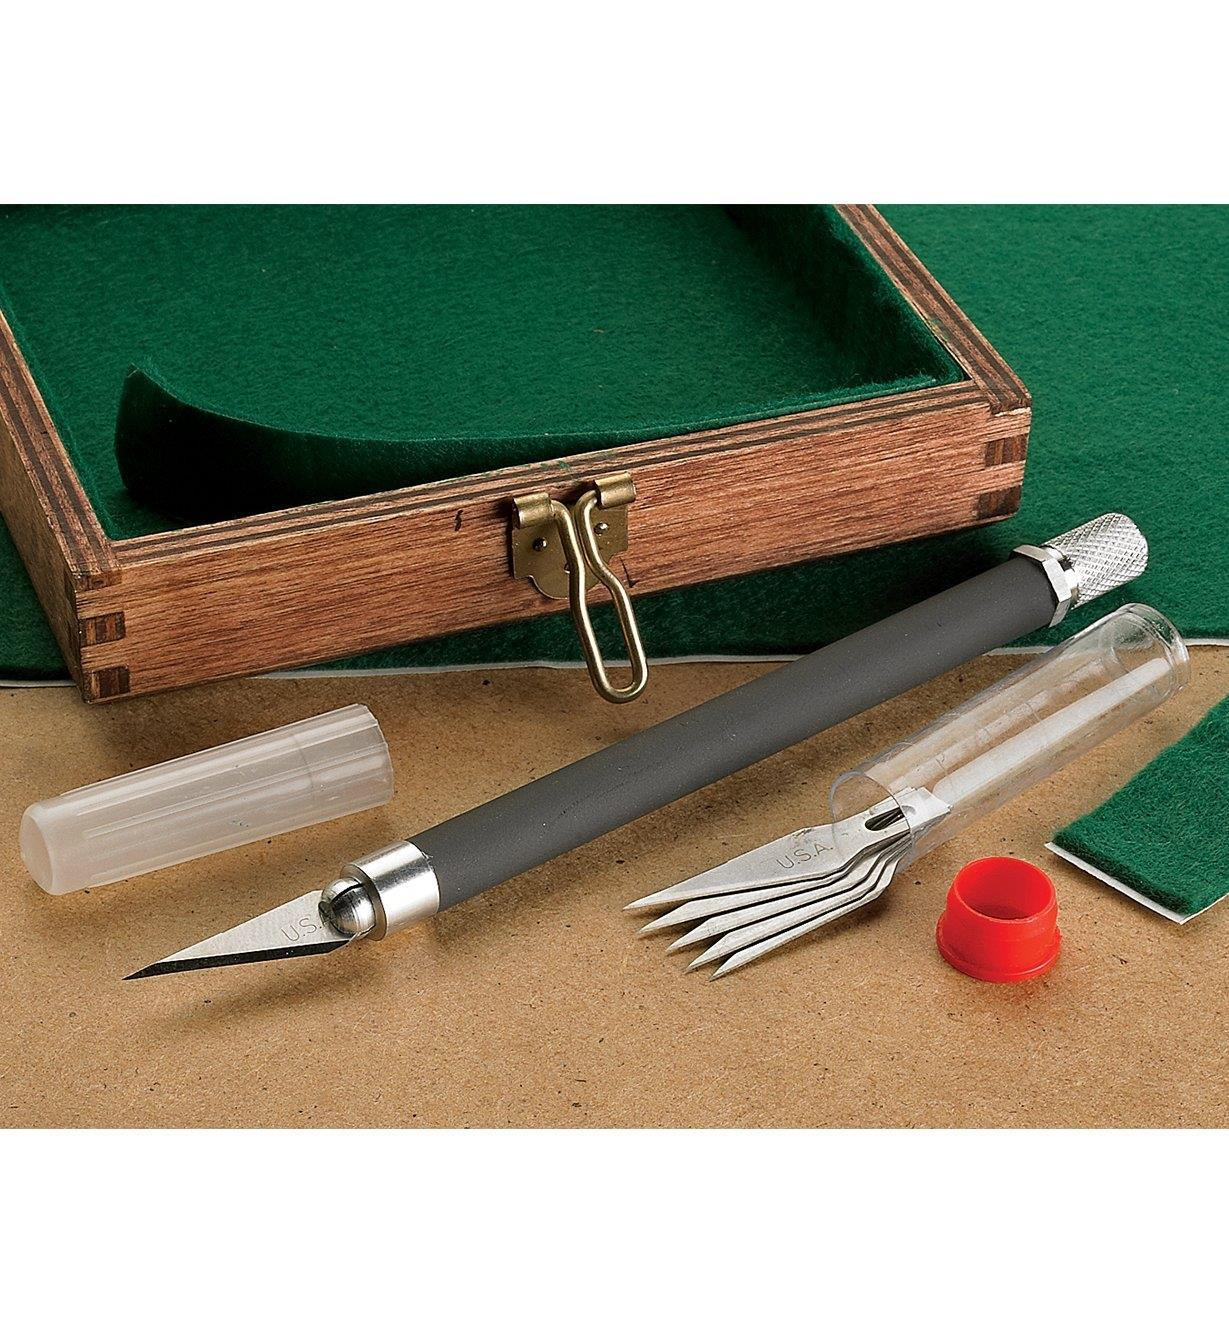 Precision Hobby Knife & Blades